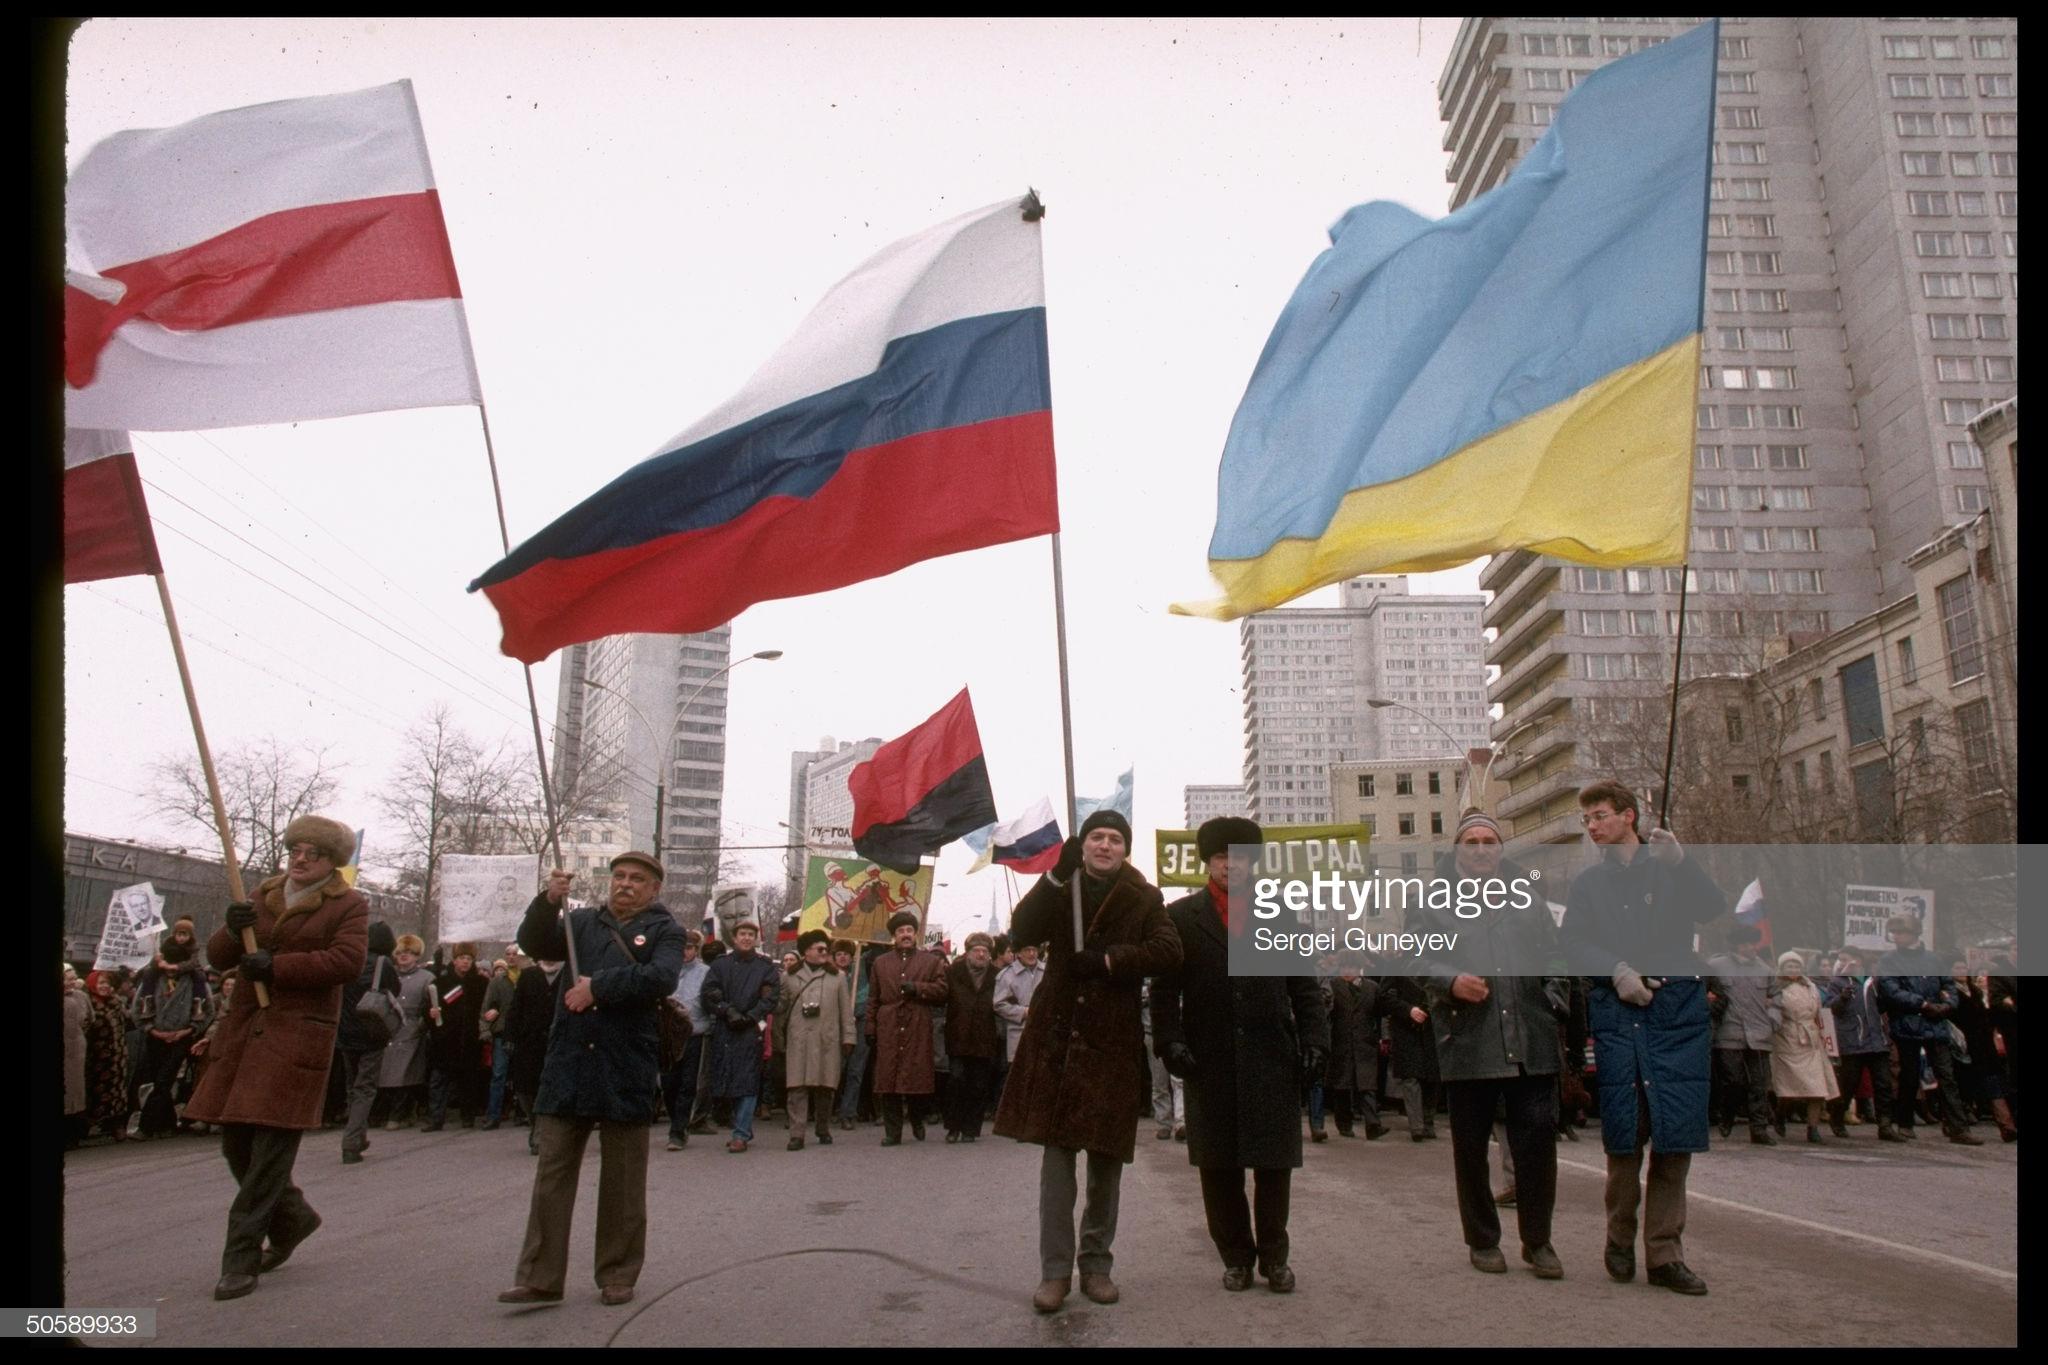 Антигорбачевская демонстрация